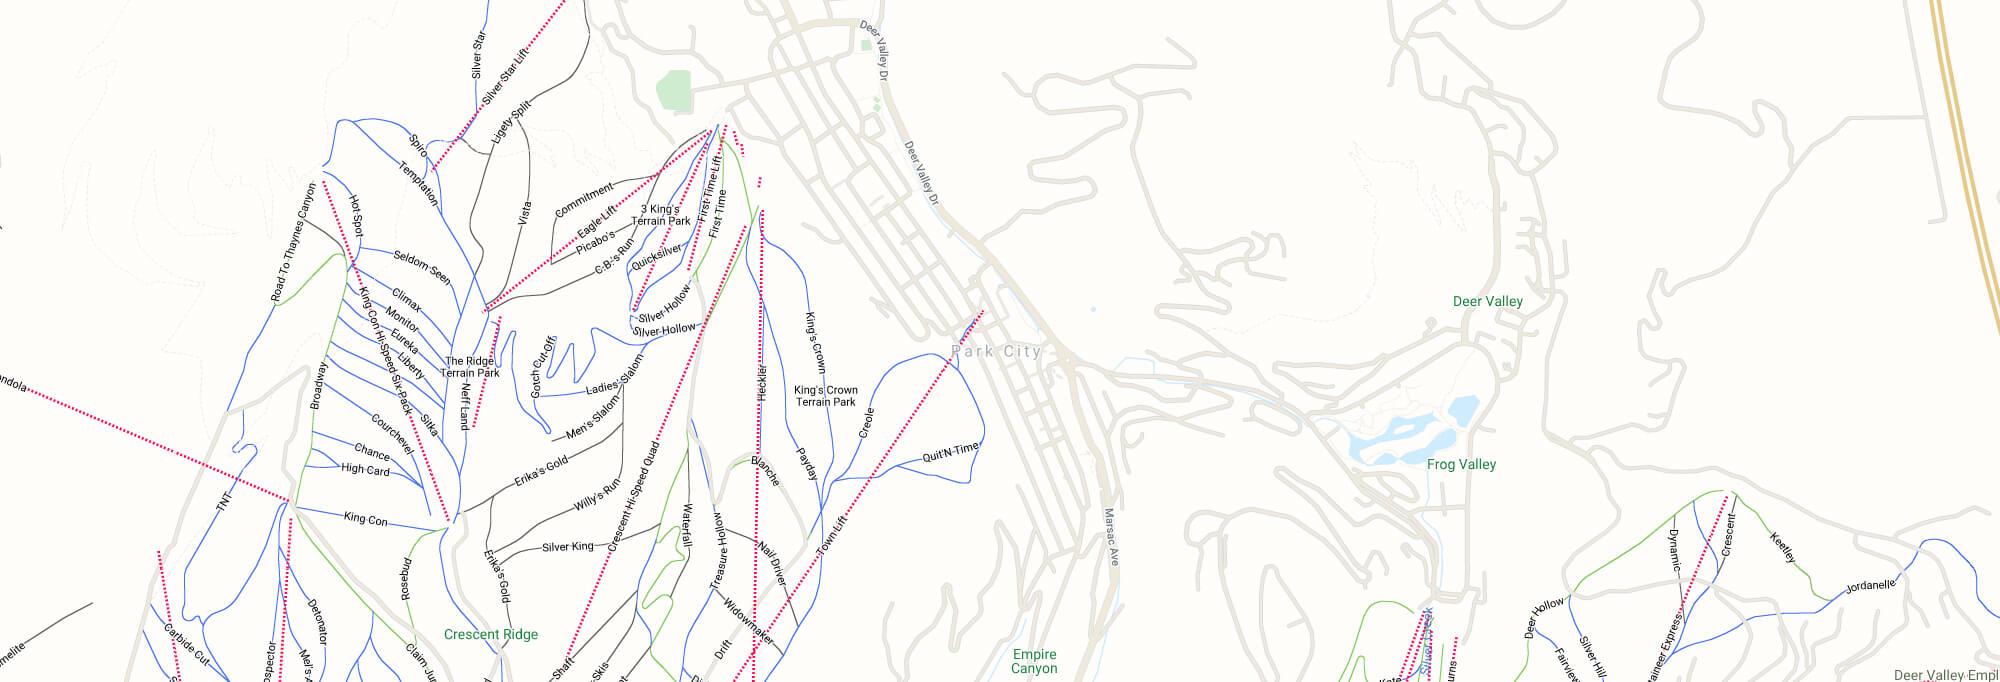 Park City city map